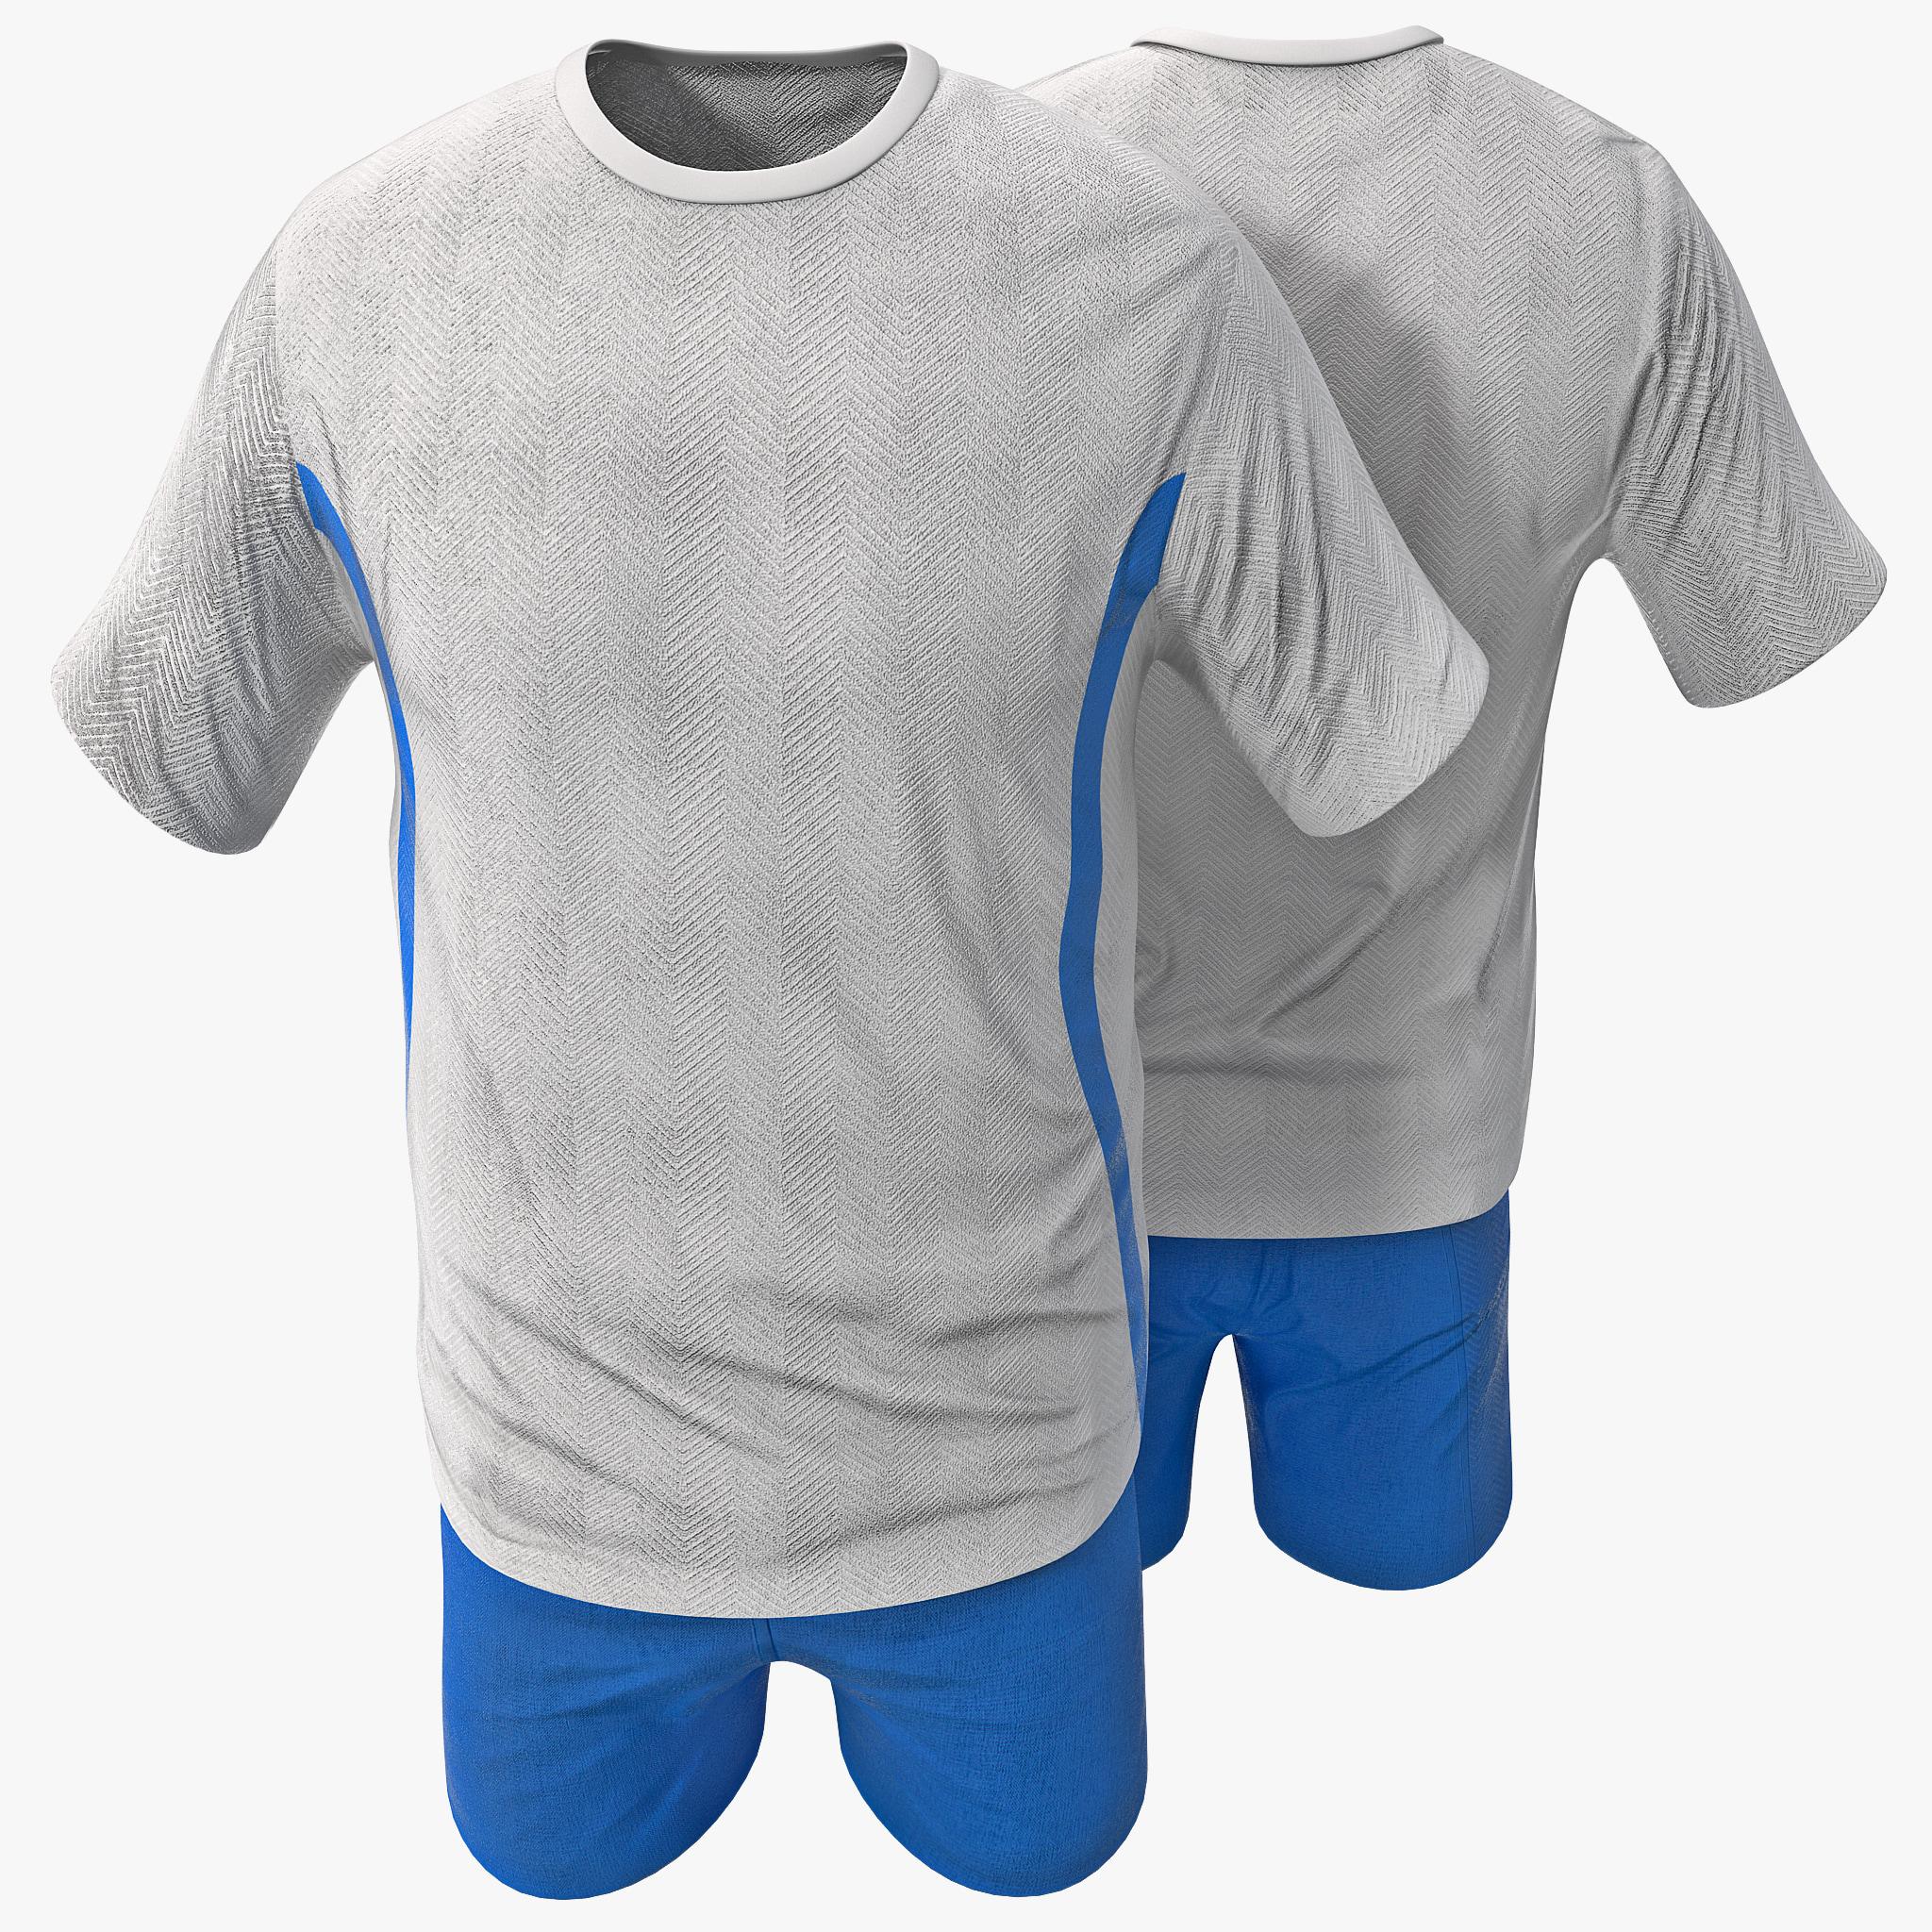 sport clothes 3d model